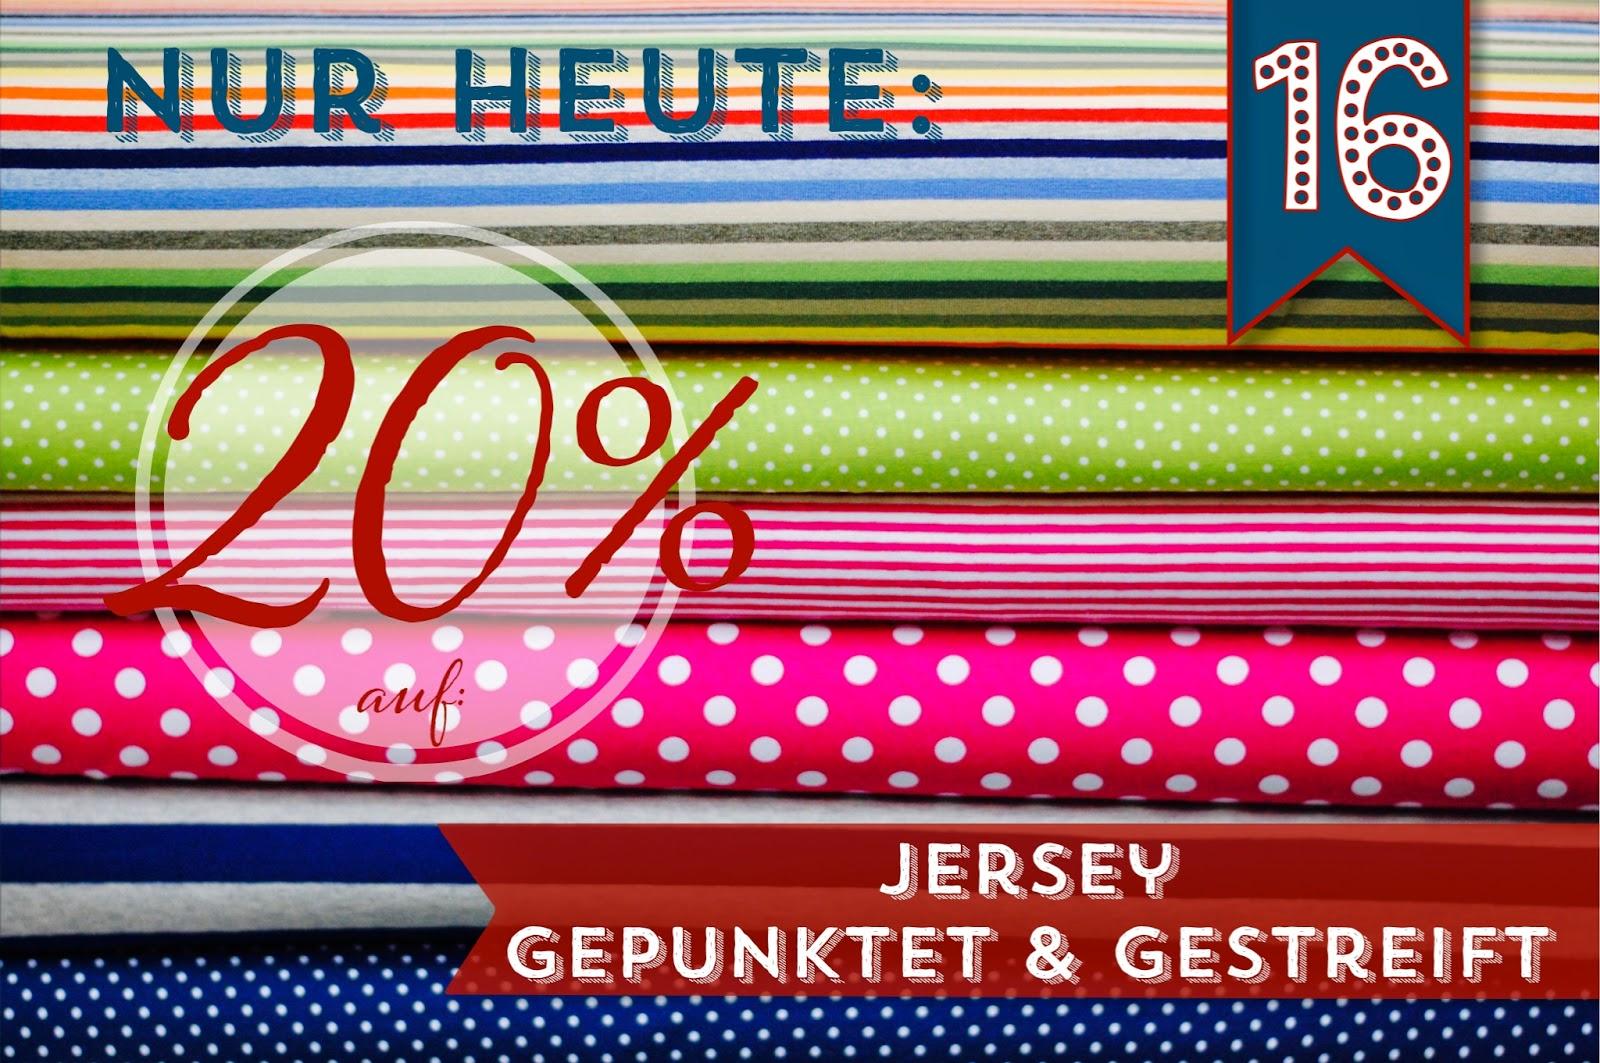 Türchen N°16 im Adventsmirakel: 20% Rabatt auf Jersey gepunktet & gestreift! 2